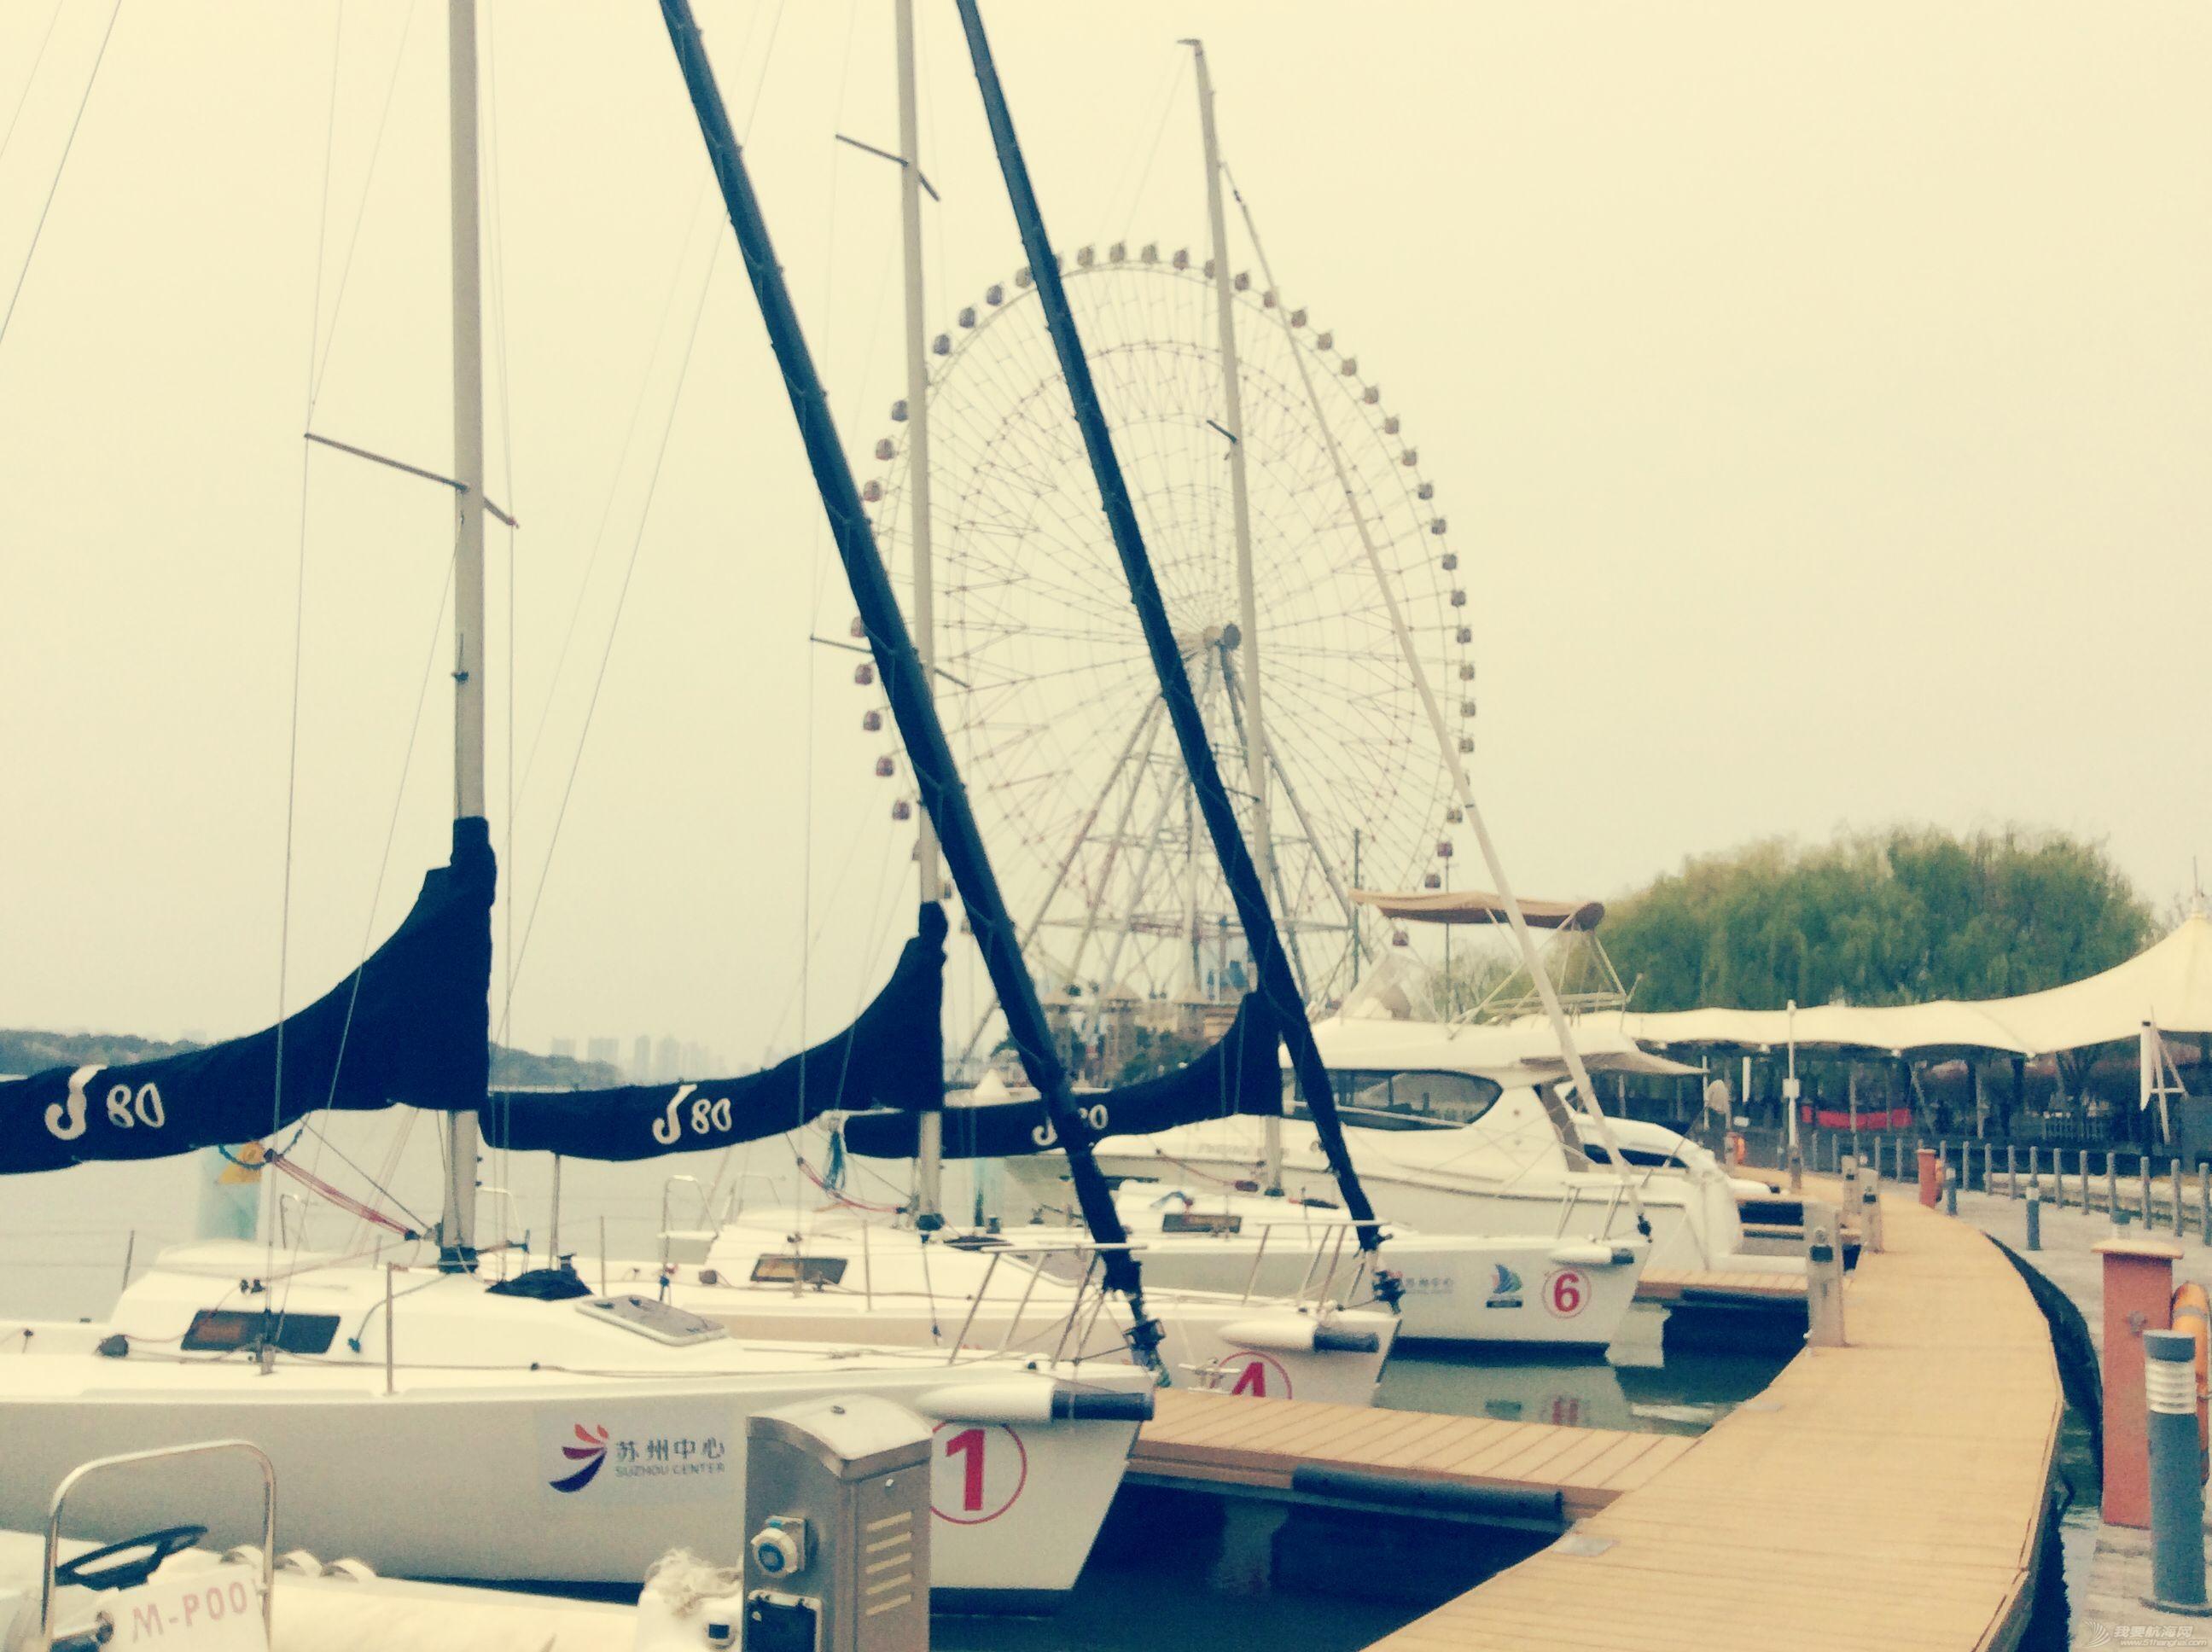 帆船运动,苏州 苏州的帆船运动来啦!